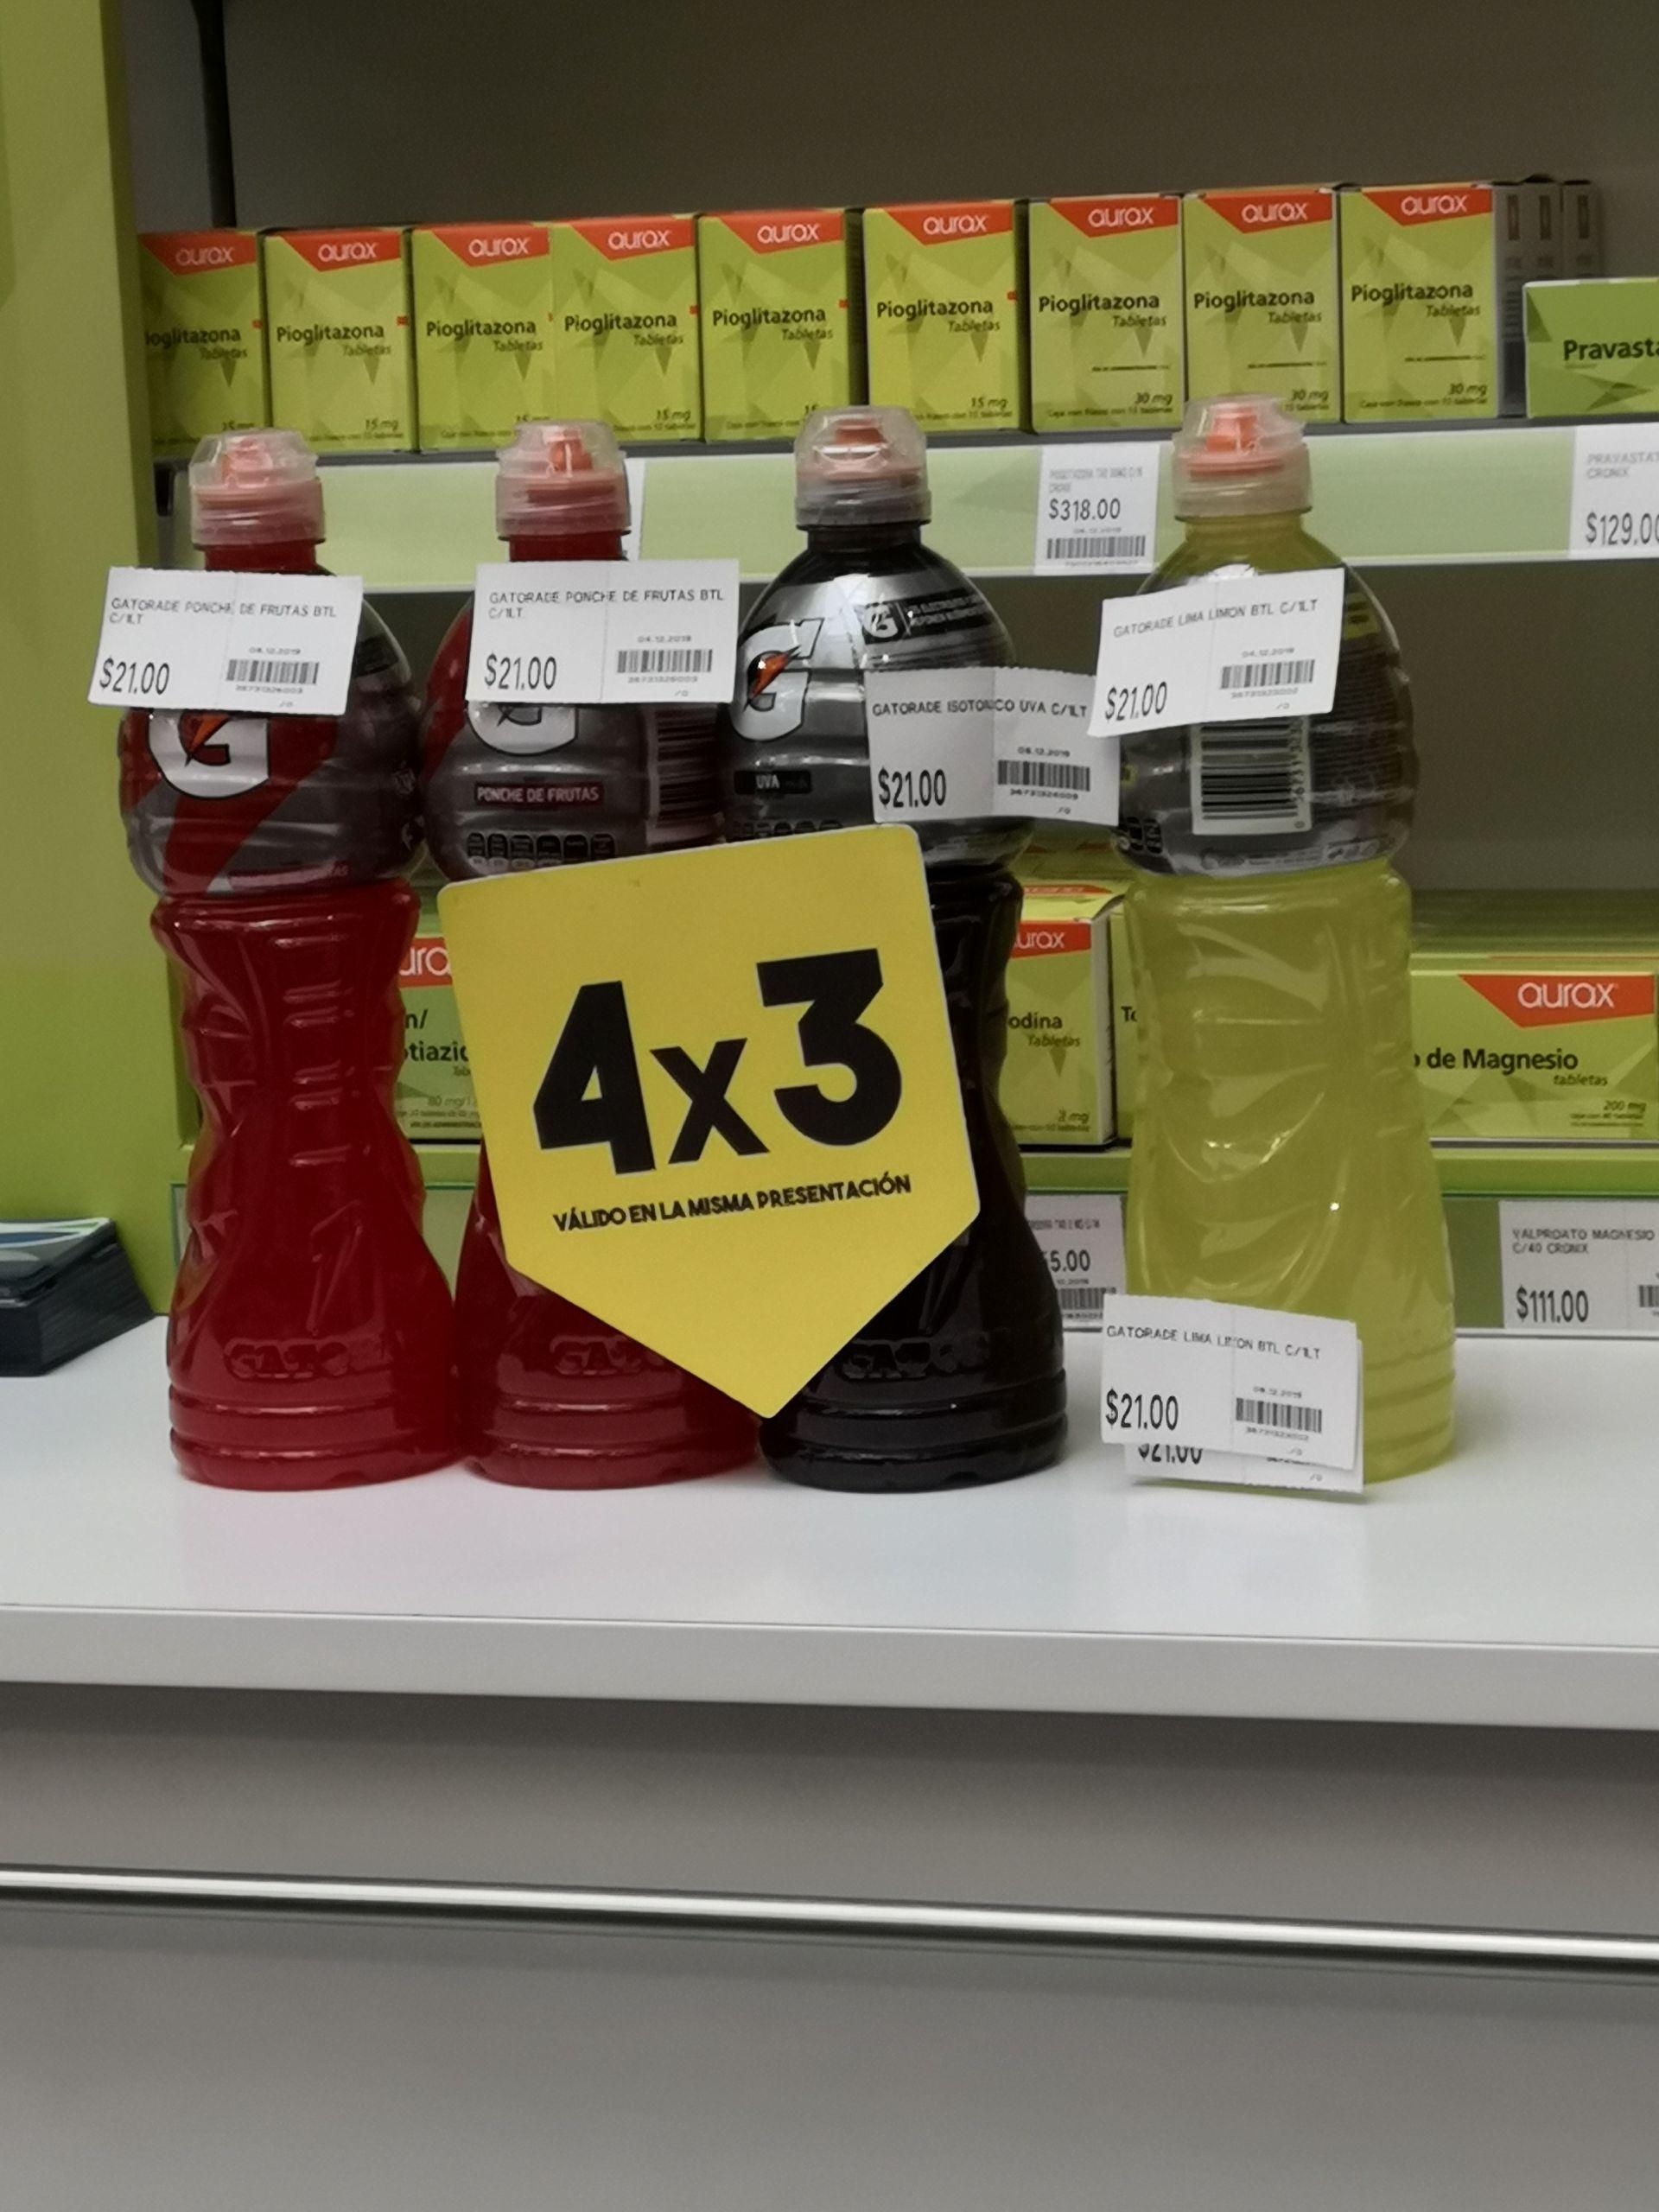 Gatorade 4x3 en Farmacias San Pablo. Mismo sabor